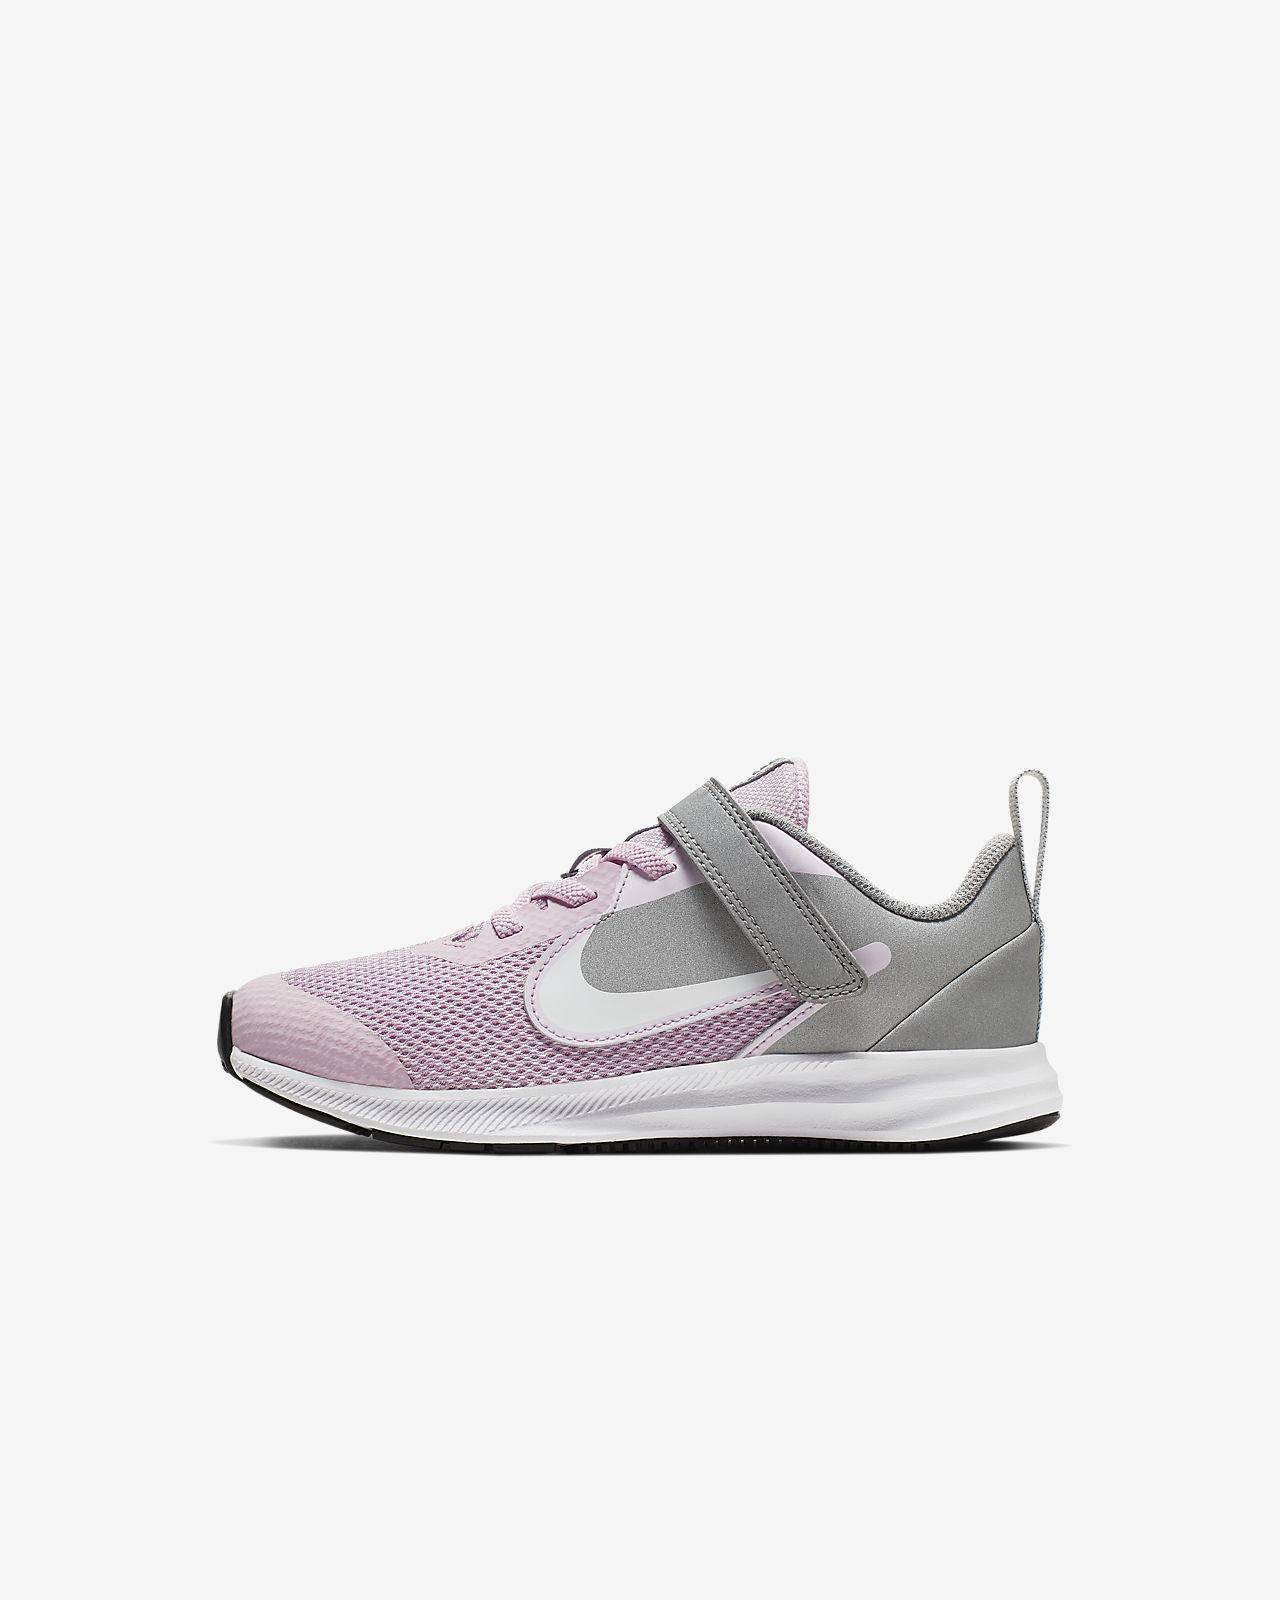 Buty dla małych dzieci Nike Downshifter 9